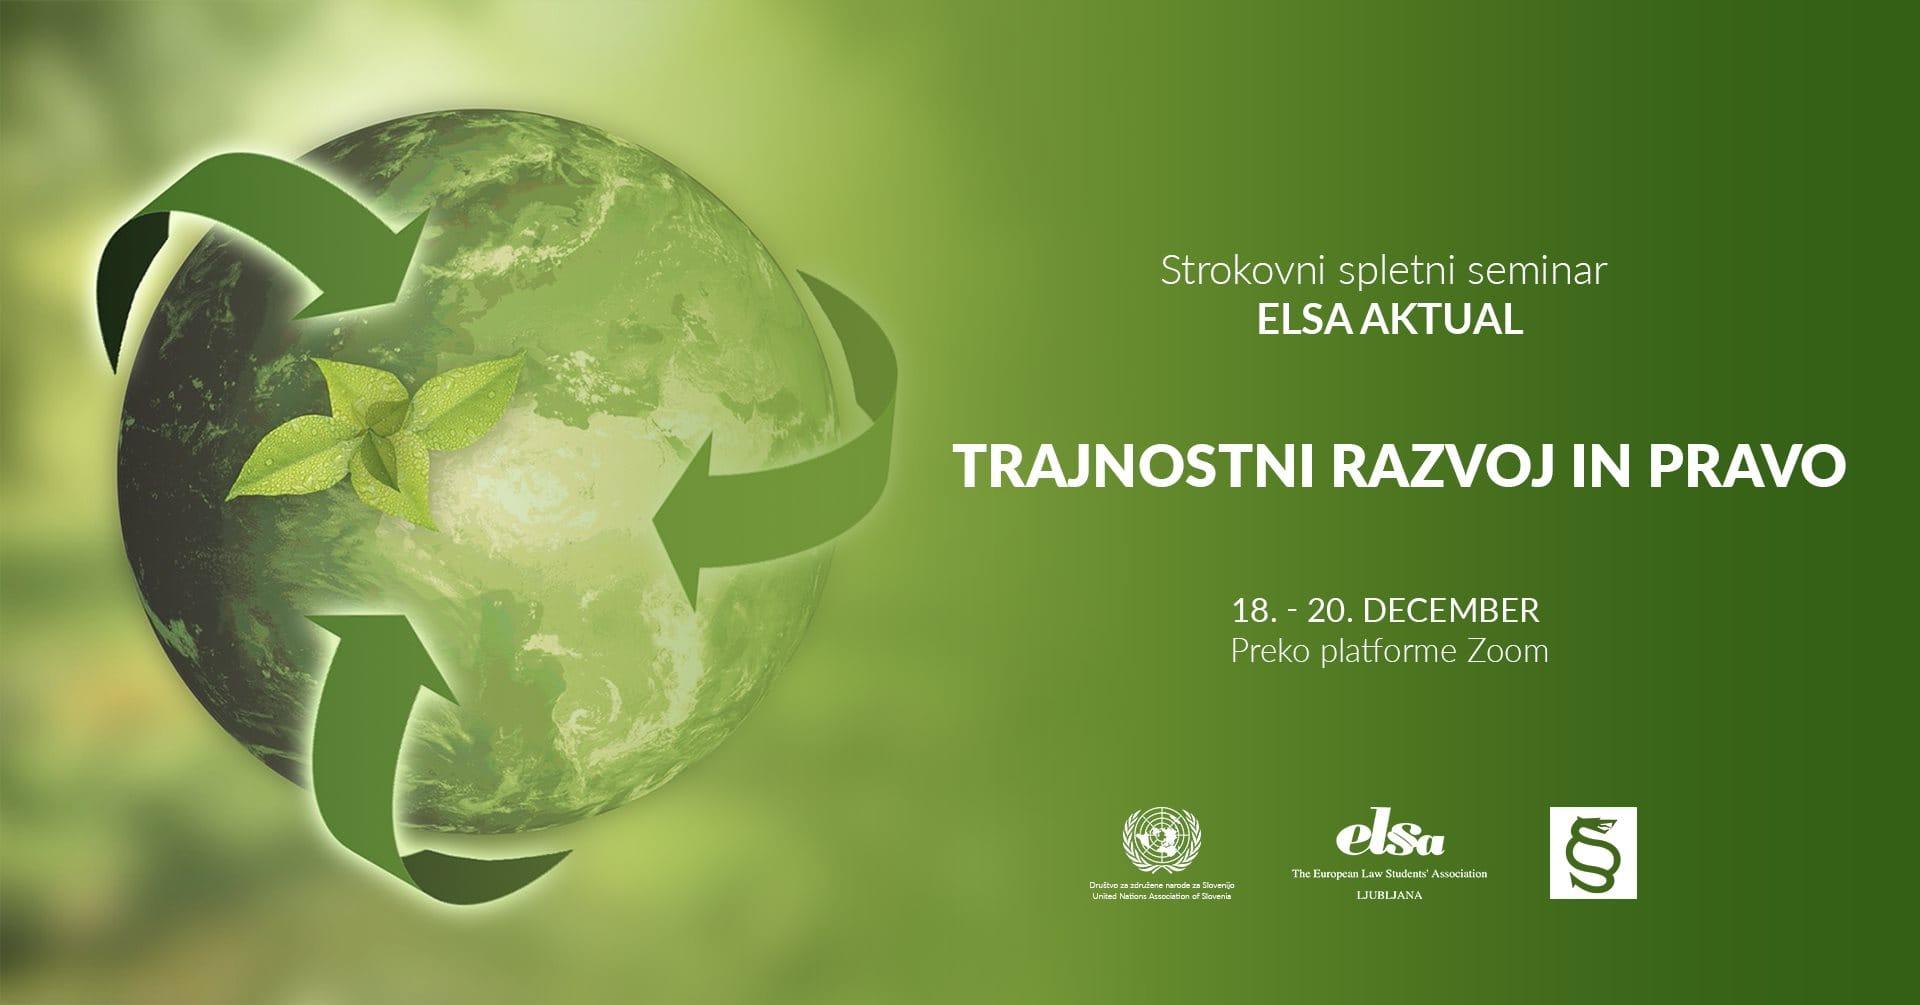 Platforma SLOGA gostovala na spletnem seminarju ELSA Aktual o trajnostnem razvoju in pravu